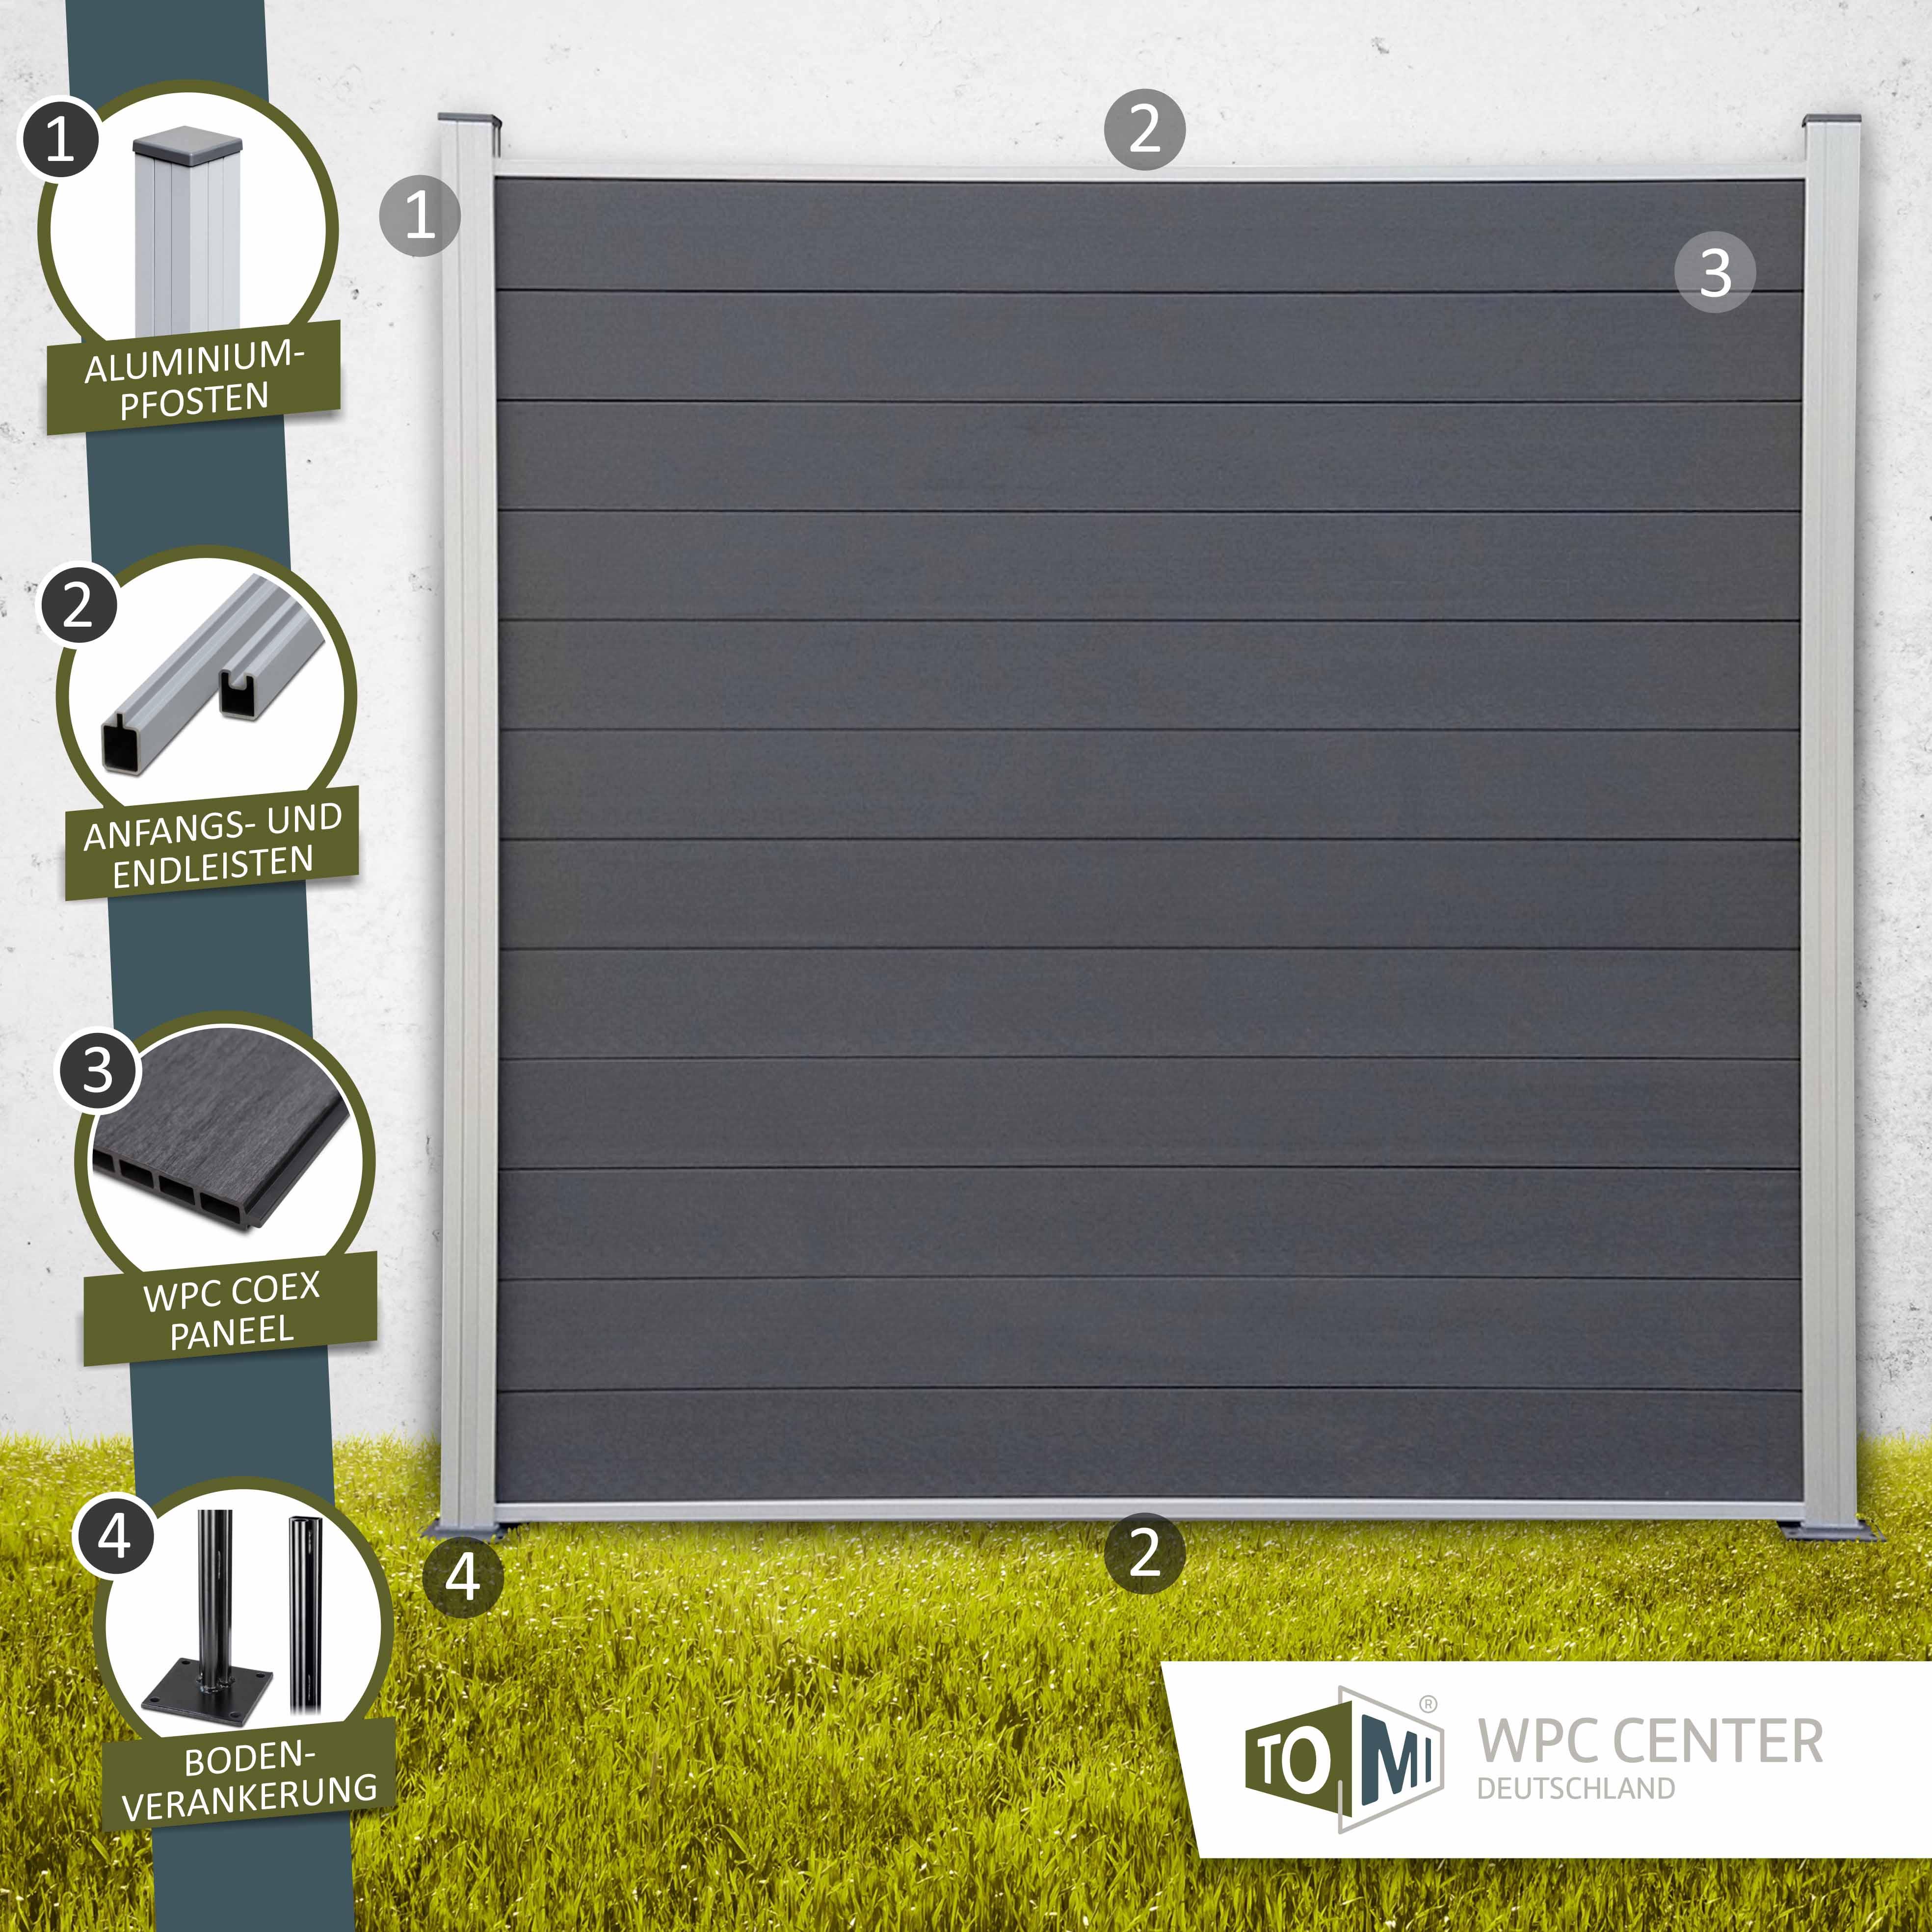 WPC COEX Sichtschutzzaun Premium Line Anthrazit Silber